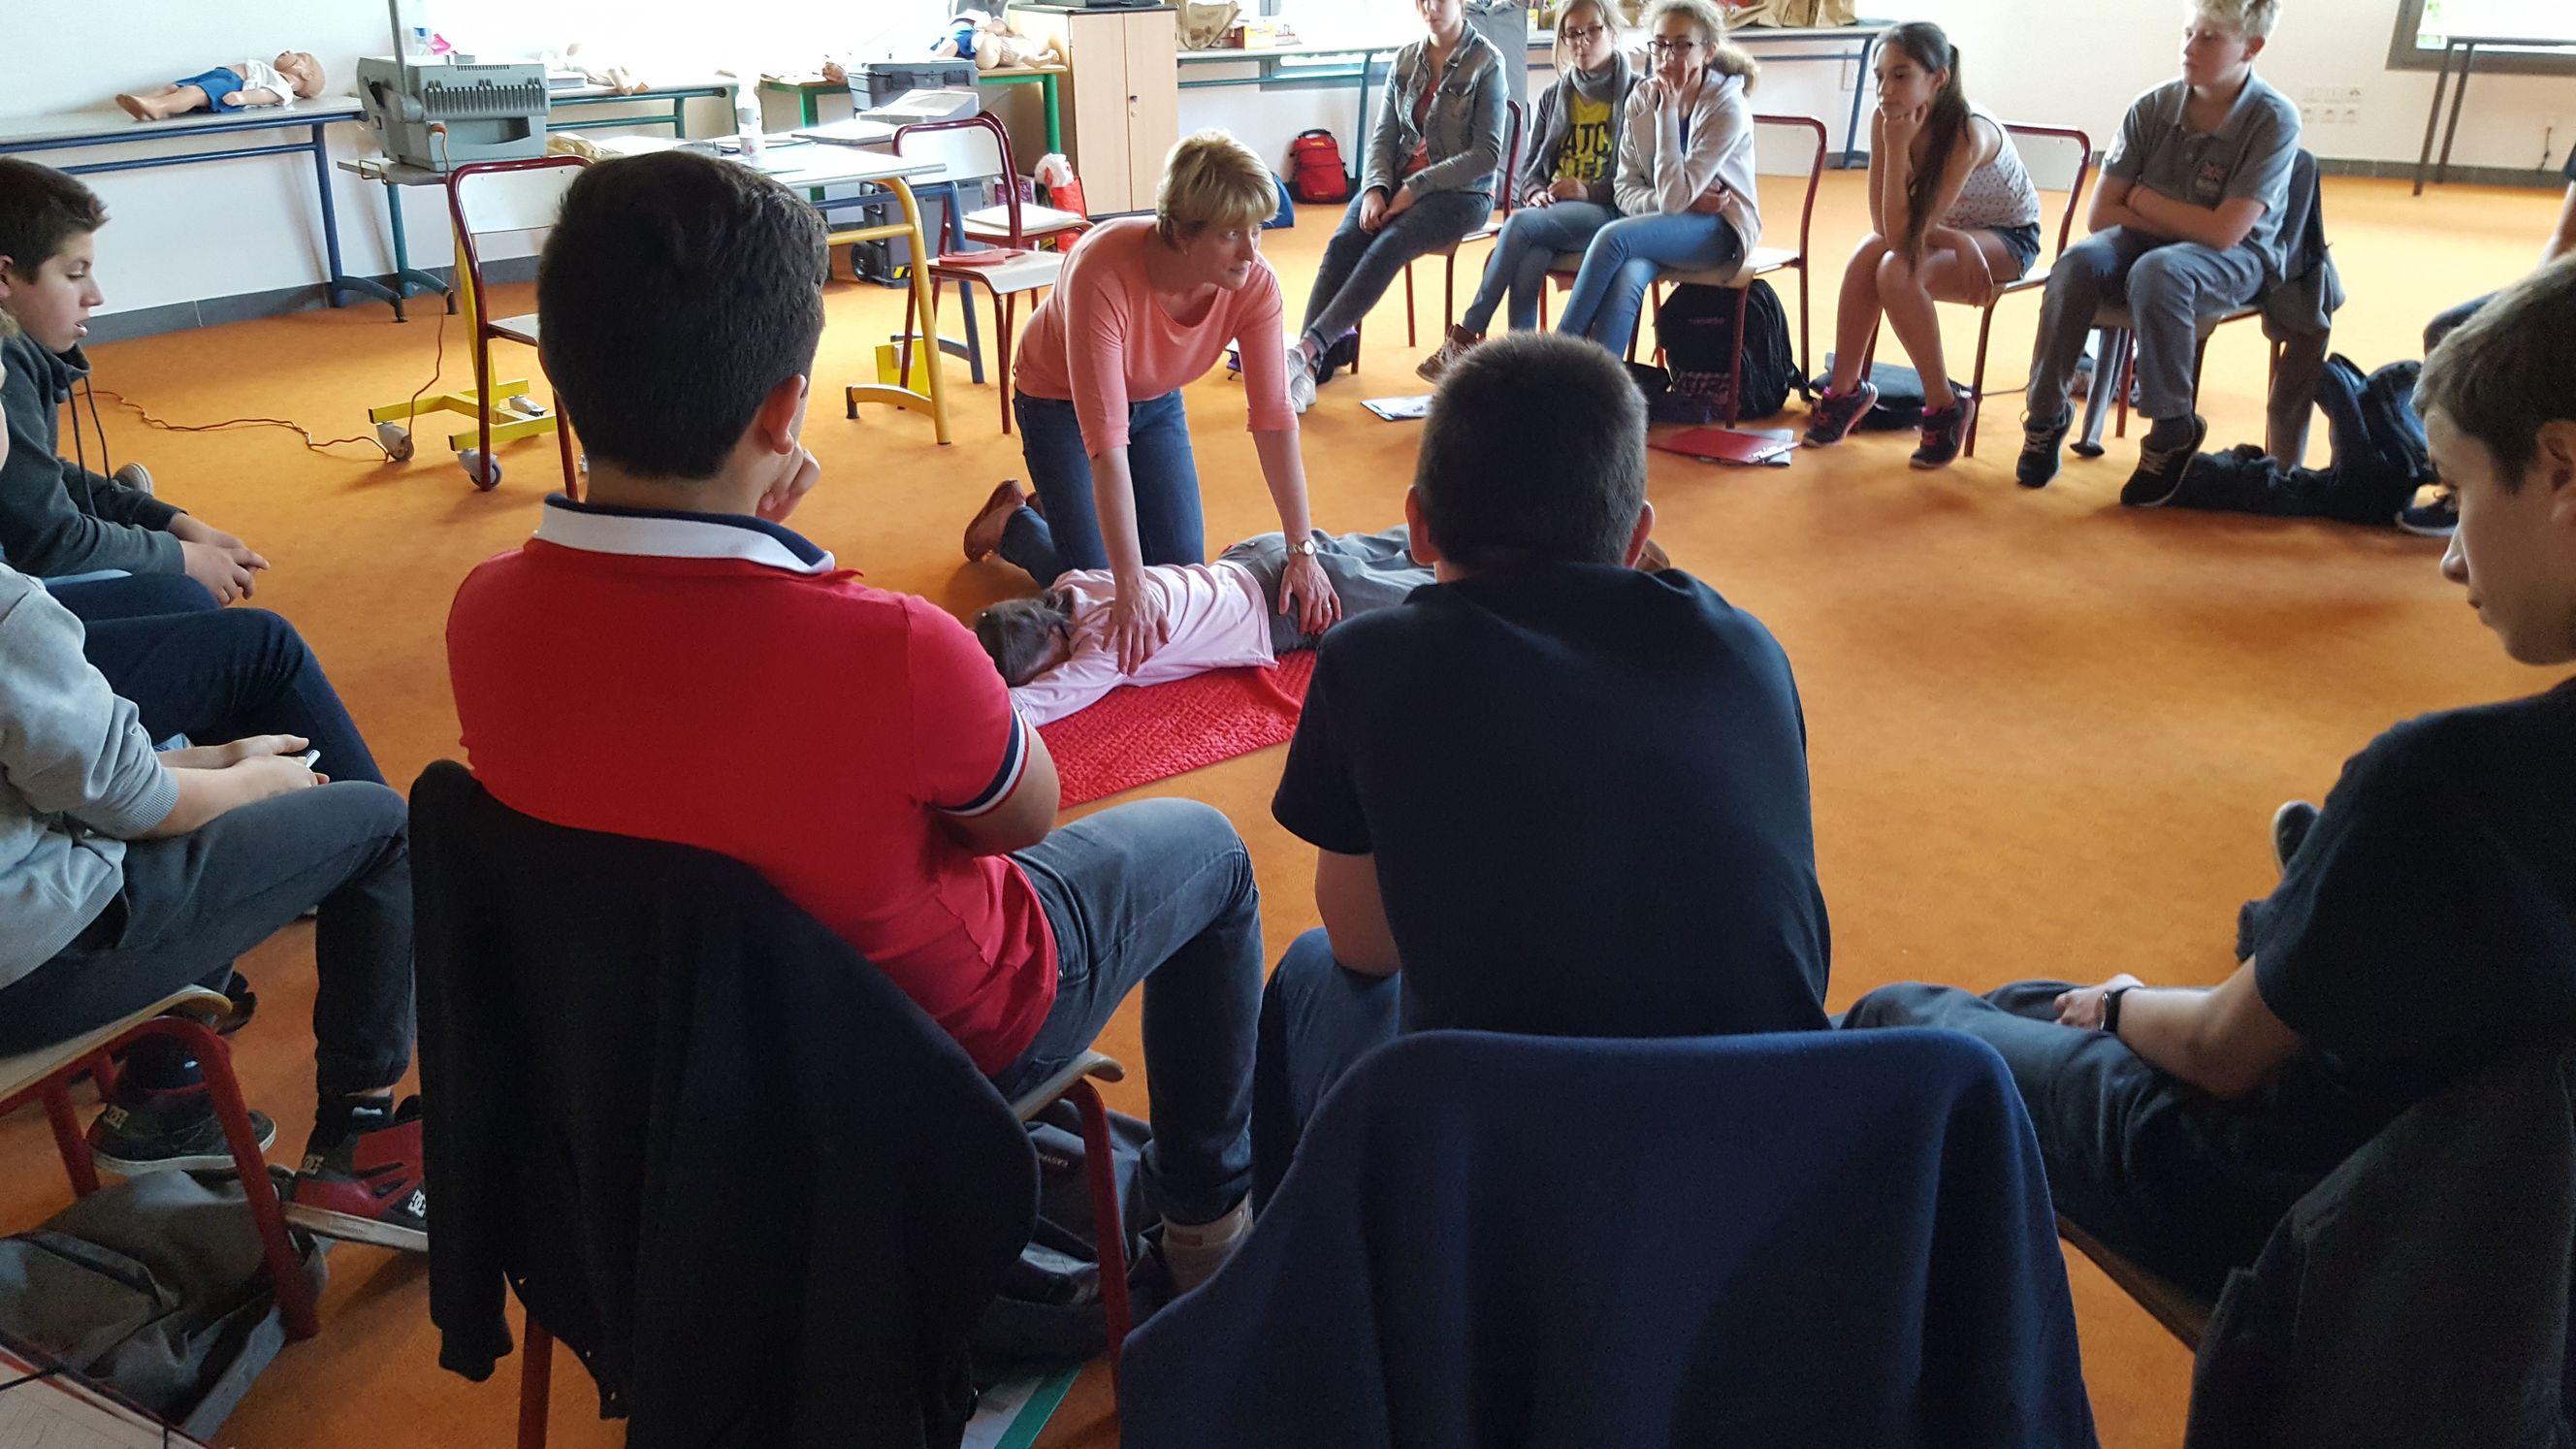 formation aux premiers secours au coll u00e8ge